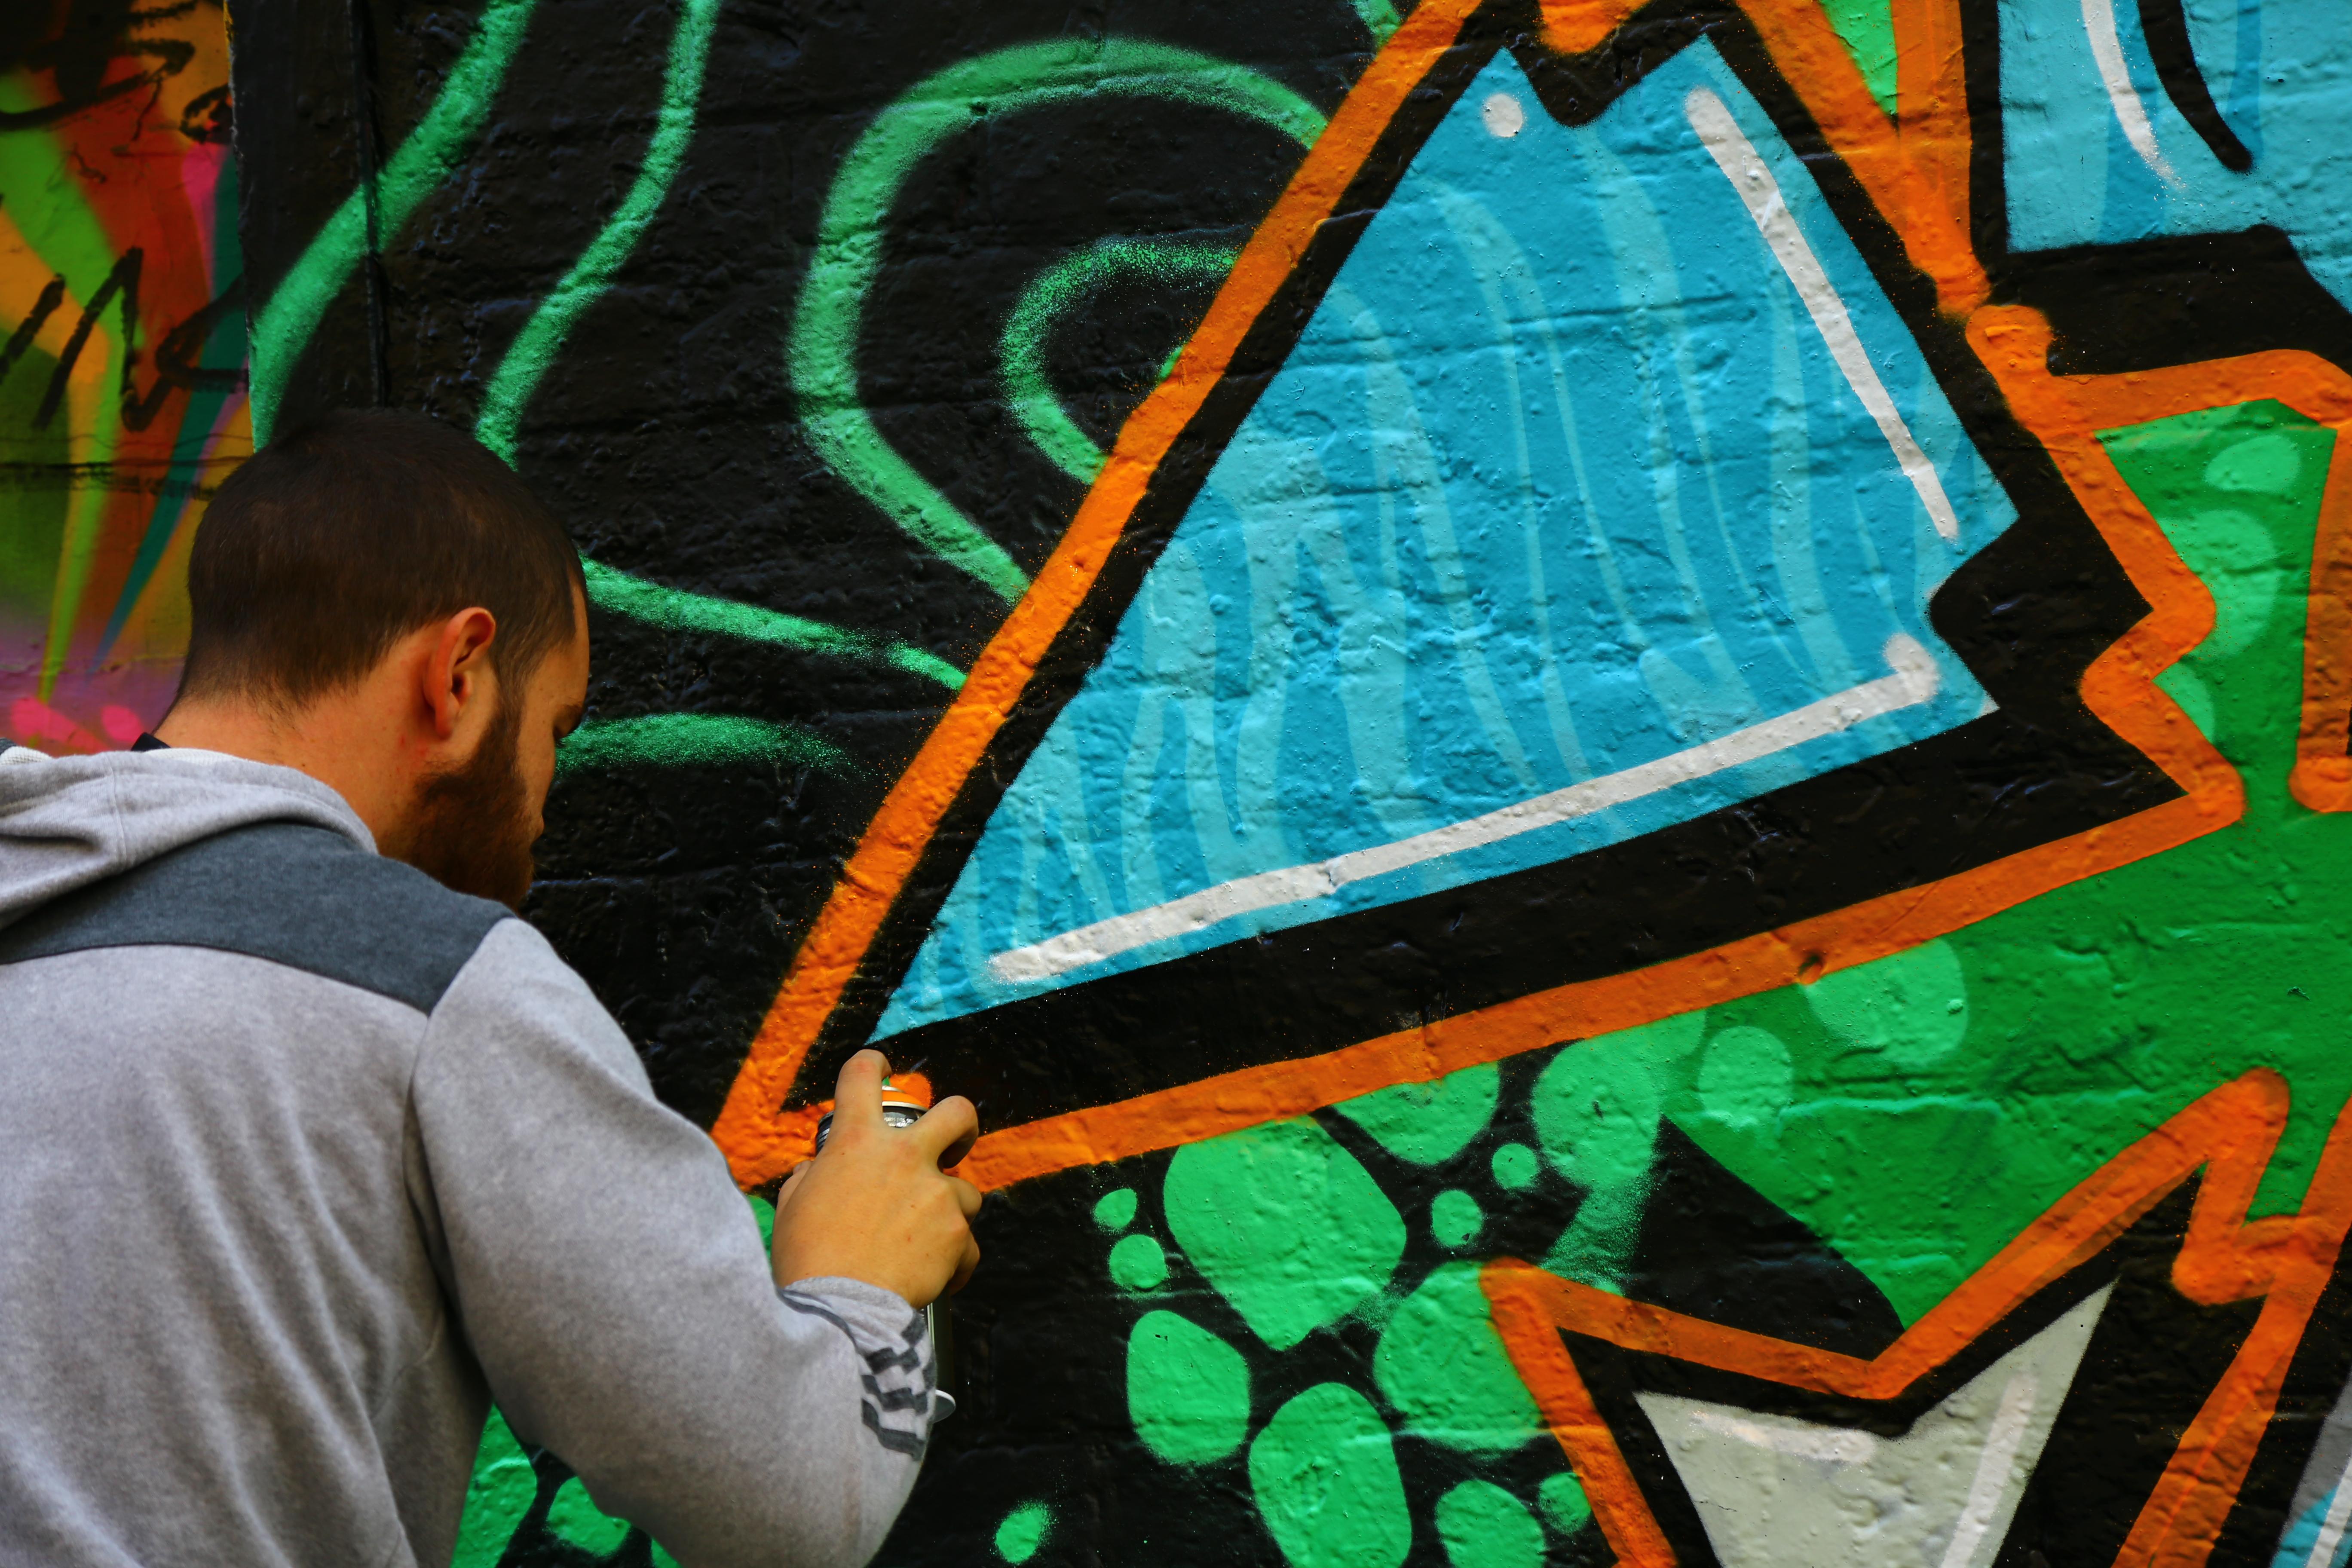 Yokohama graffiti wall - Image